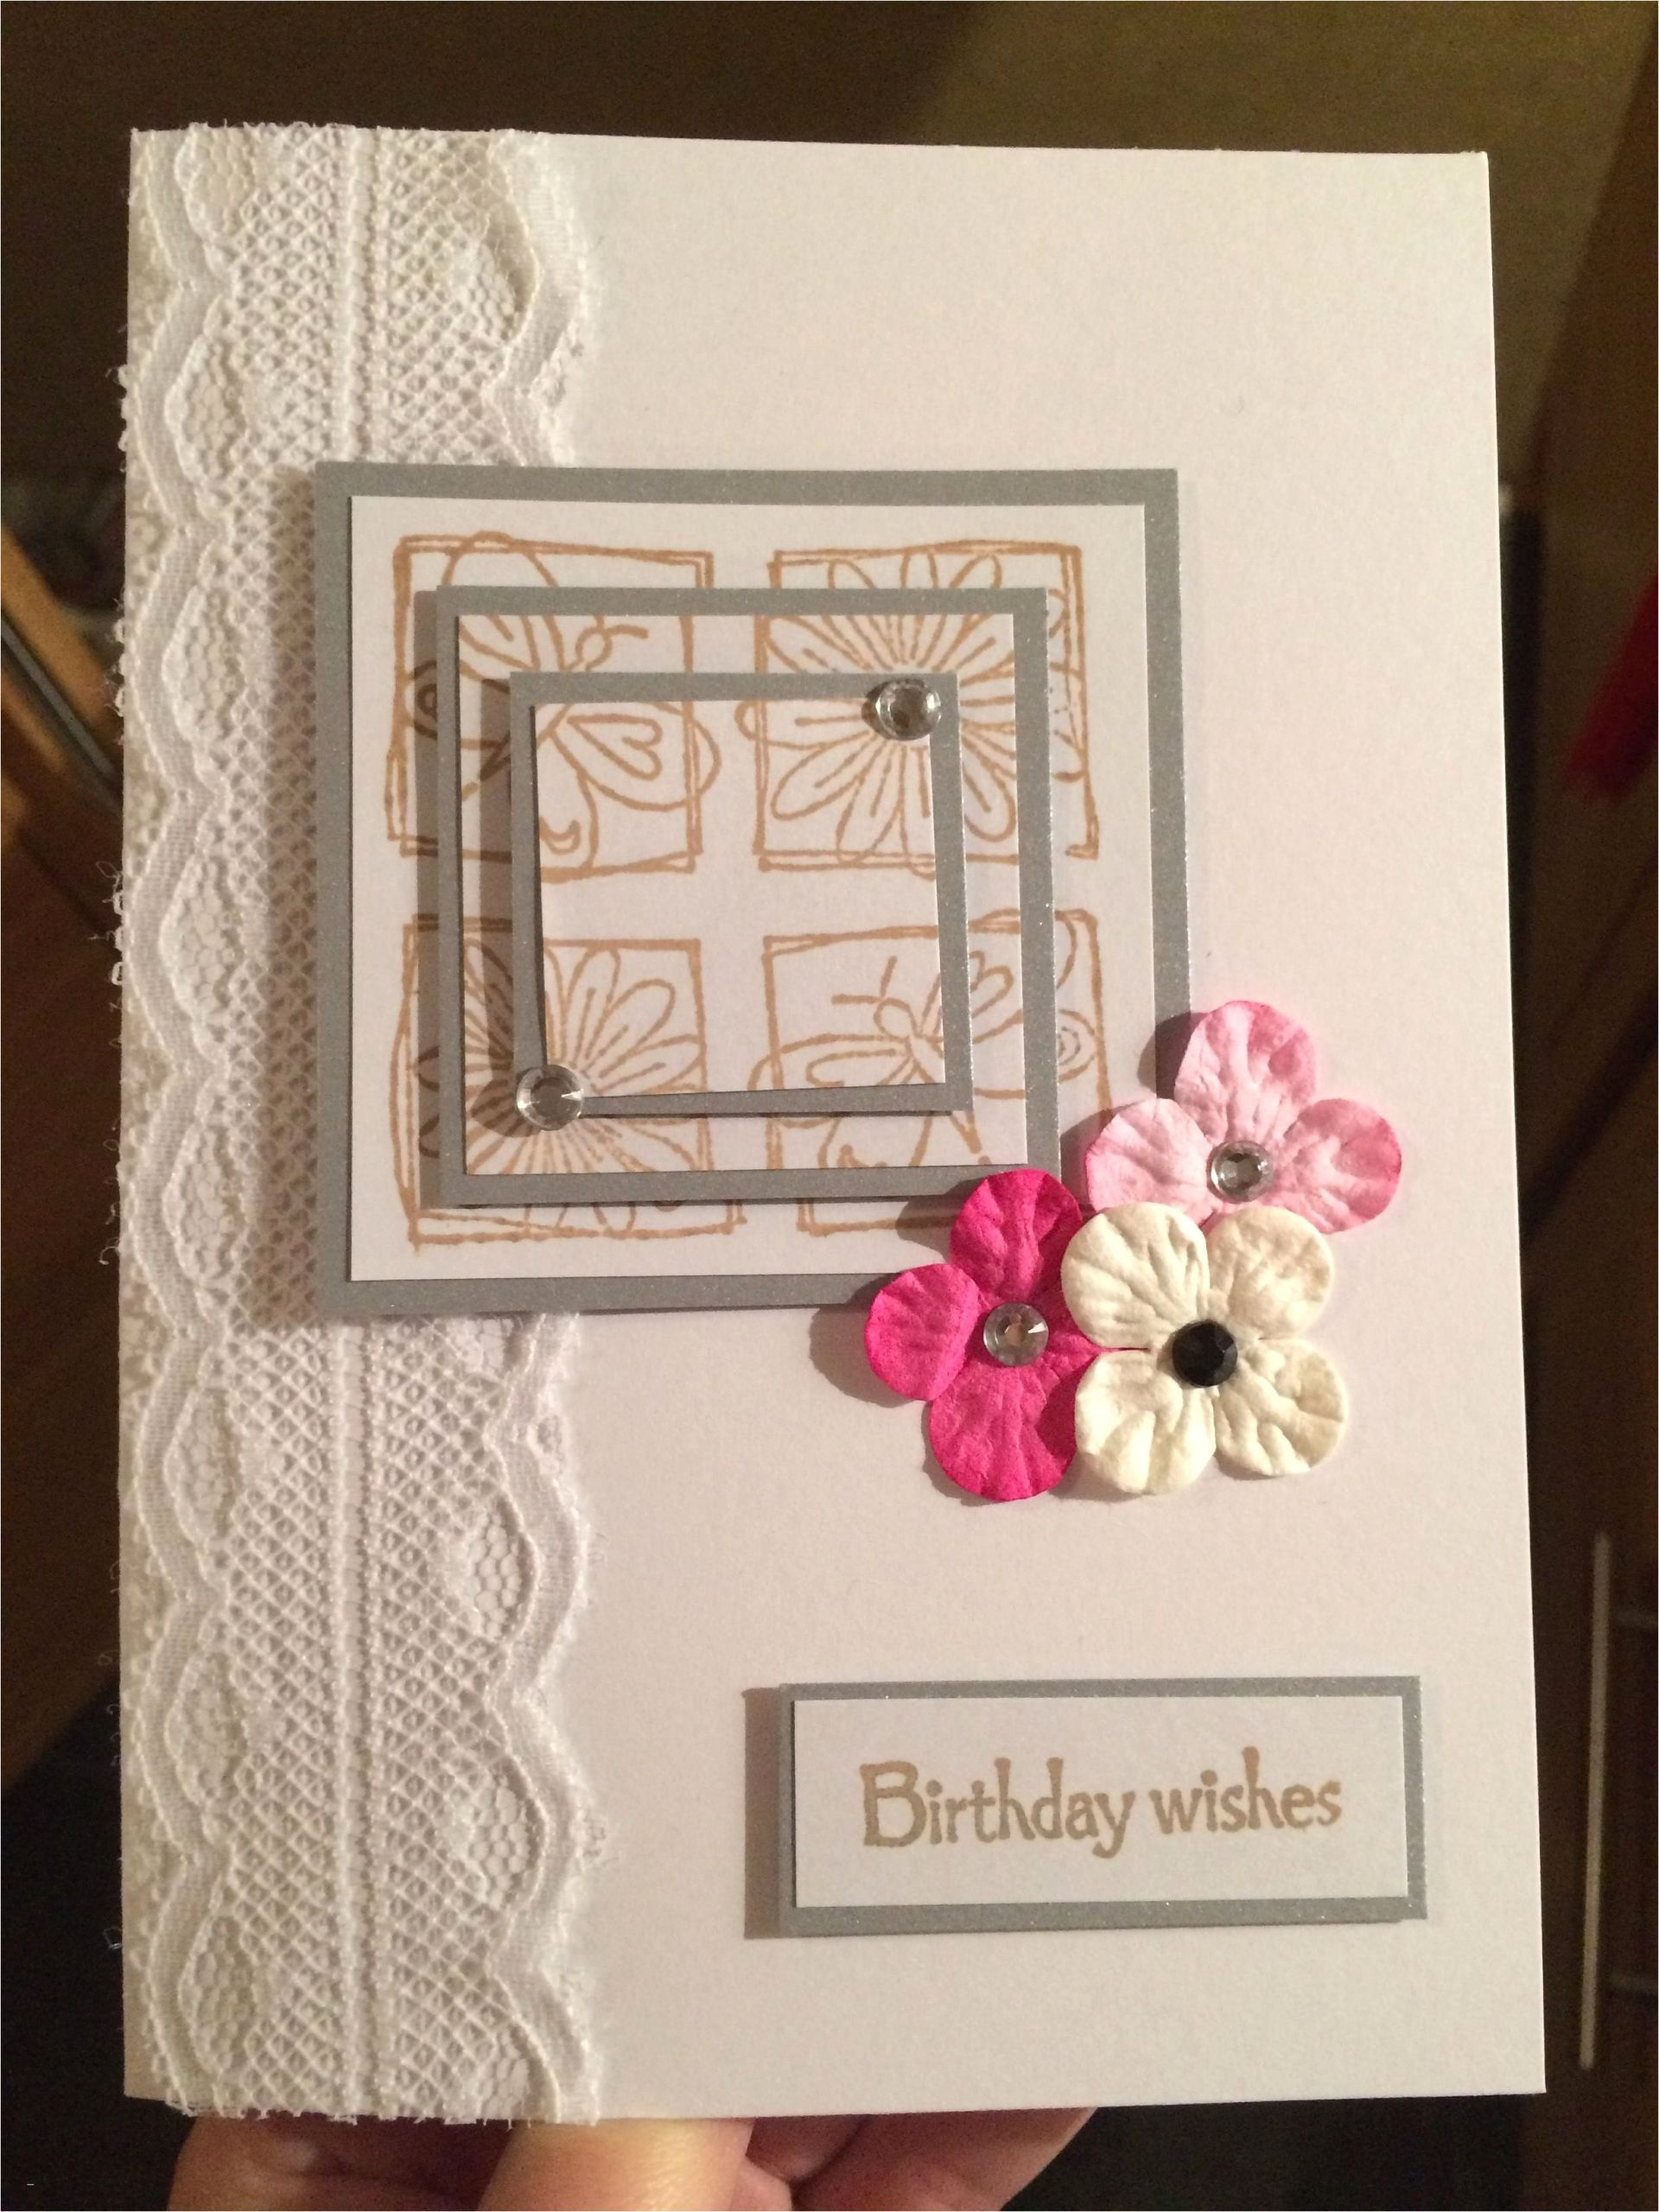 sticker zum ausdrucken schon happy birthday karte zum ausdrucken einzigartig birthday karte 0d of sticker zum ausdrucken jpg